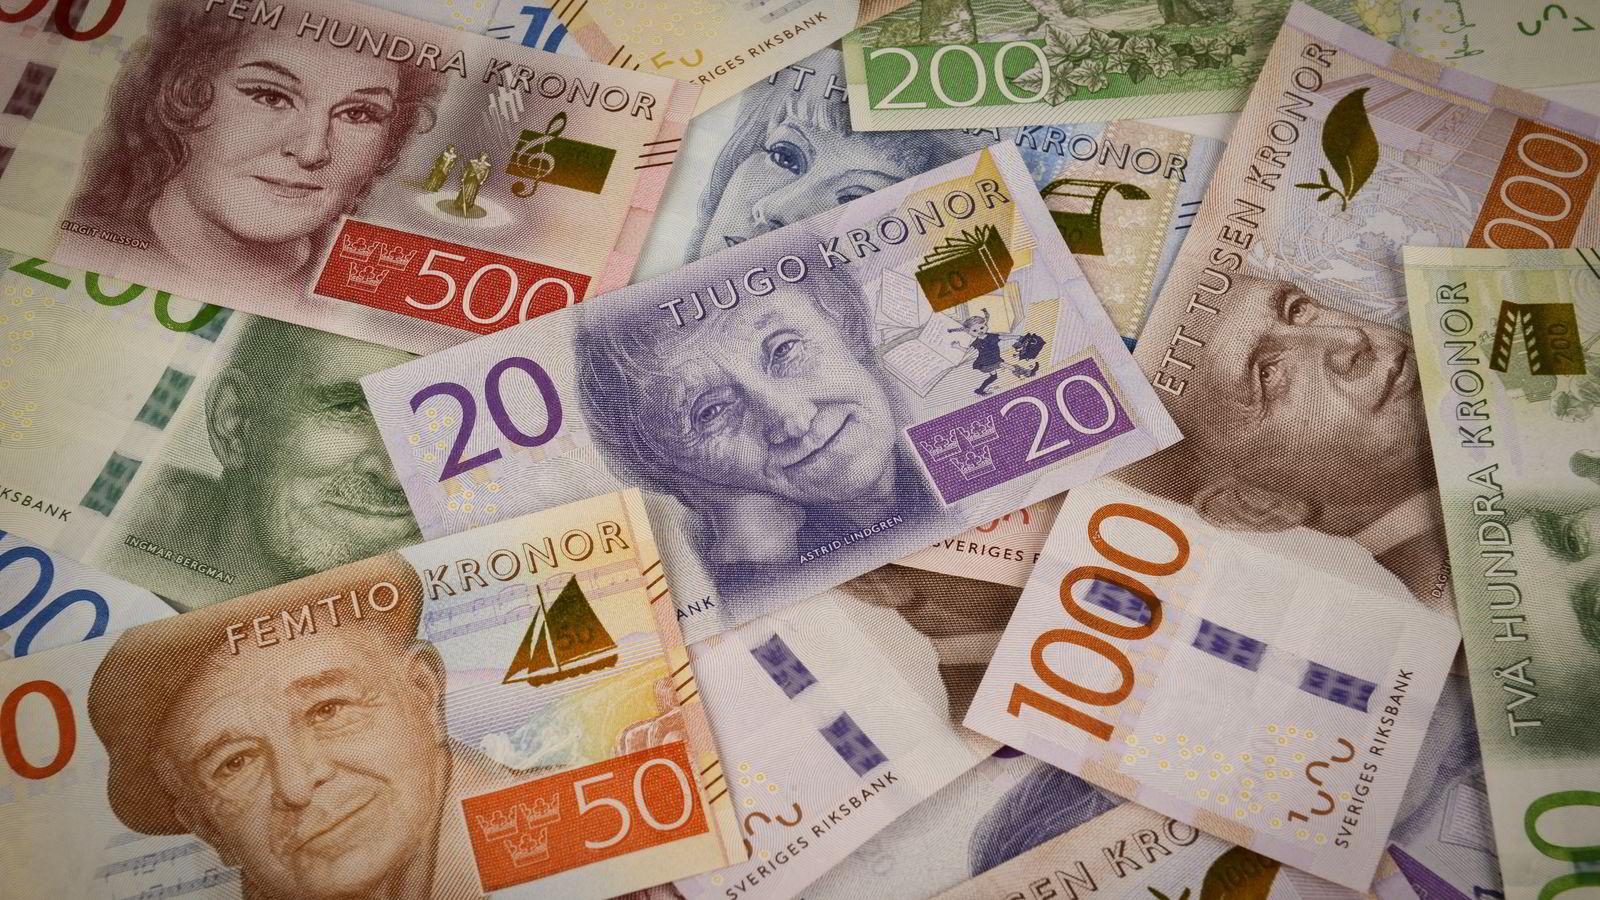 Verdens valutaspekulanter har kastet sine øyne på den svenske kronen, ifølge valutastrateg Magen Østnor i DNB Markets. Foto: